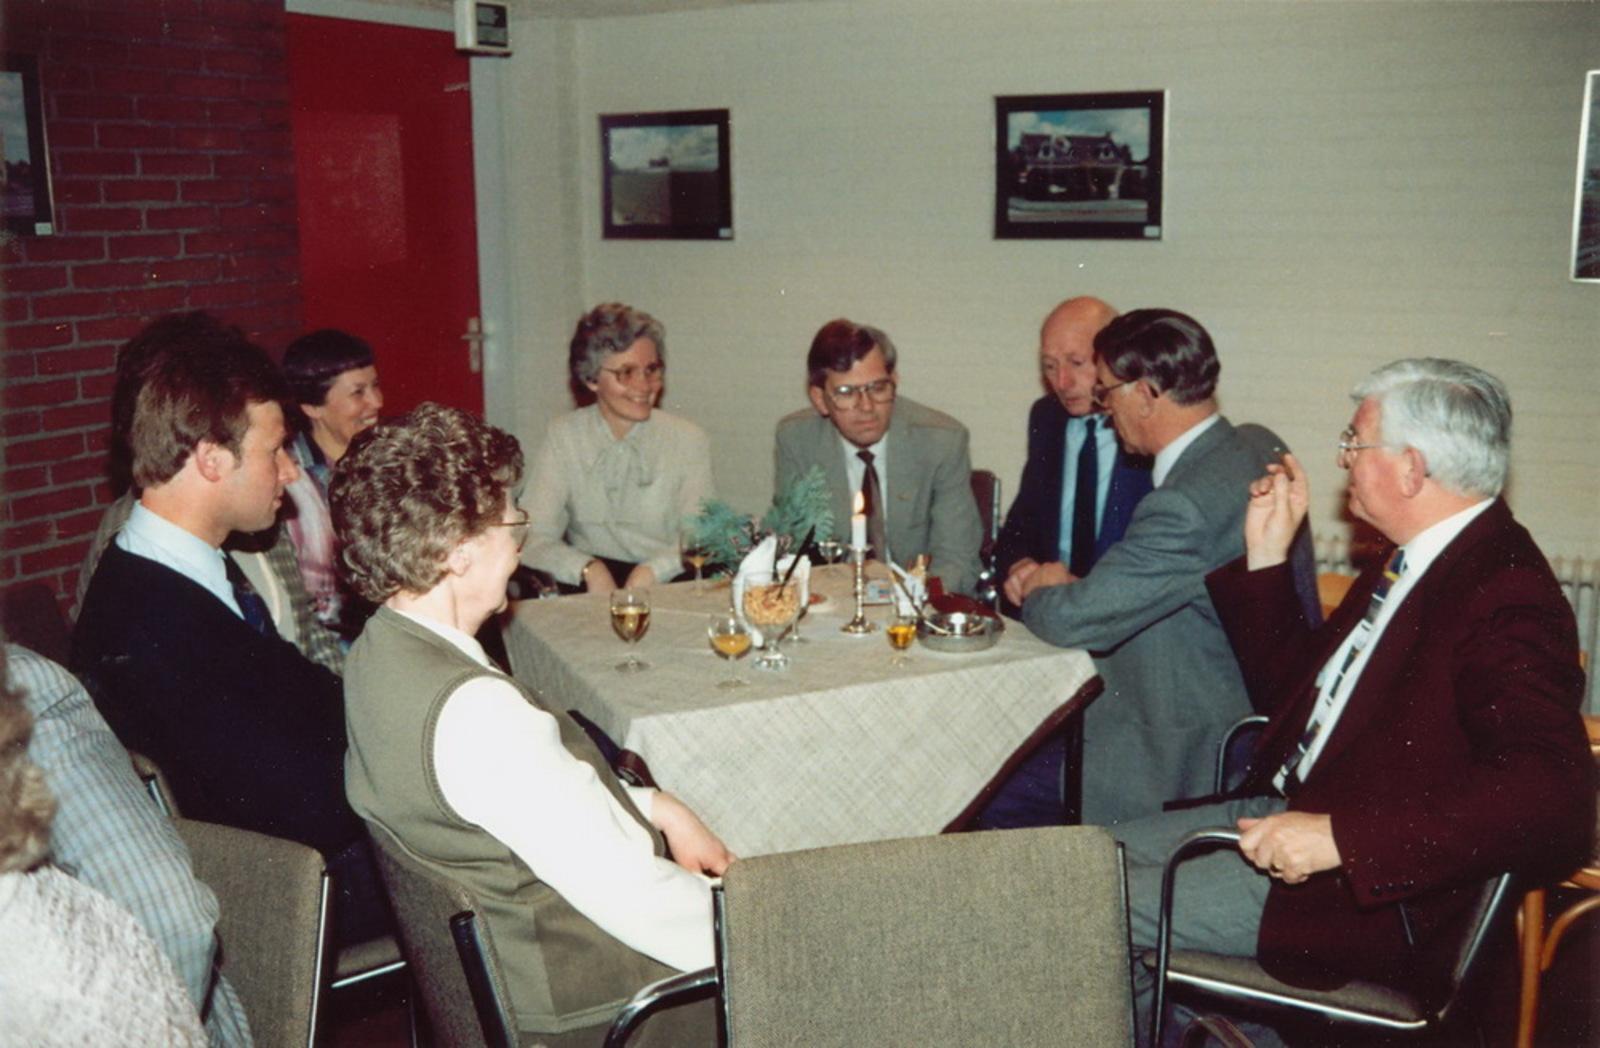 Marktlaan O 0022 1988 Sigarenboer Kraak 50jr Jub en Sluiting 69